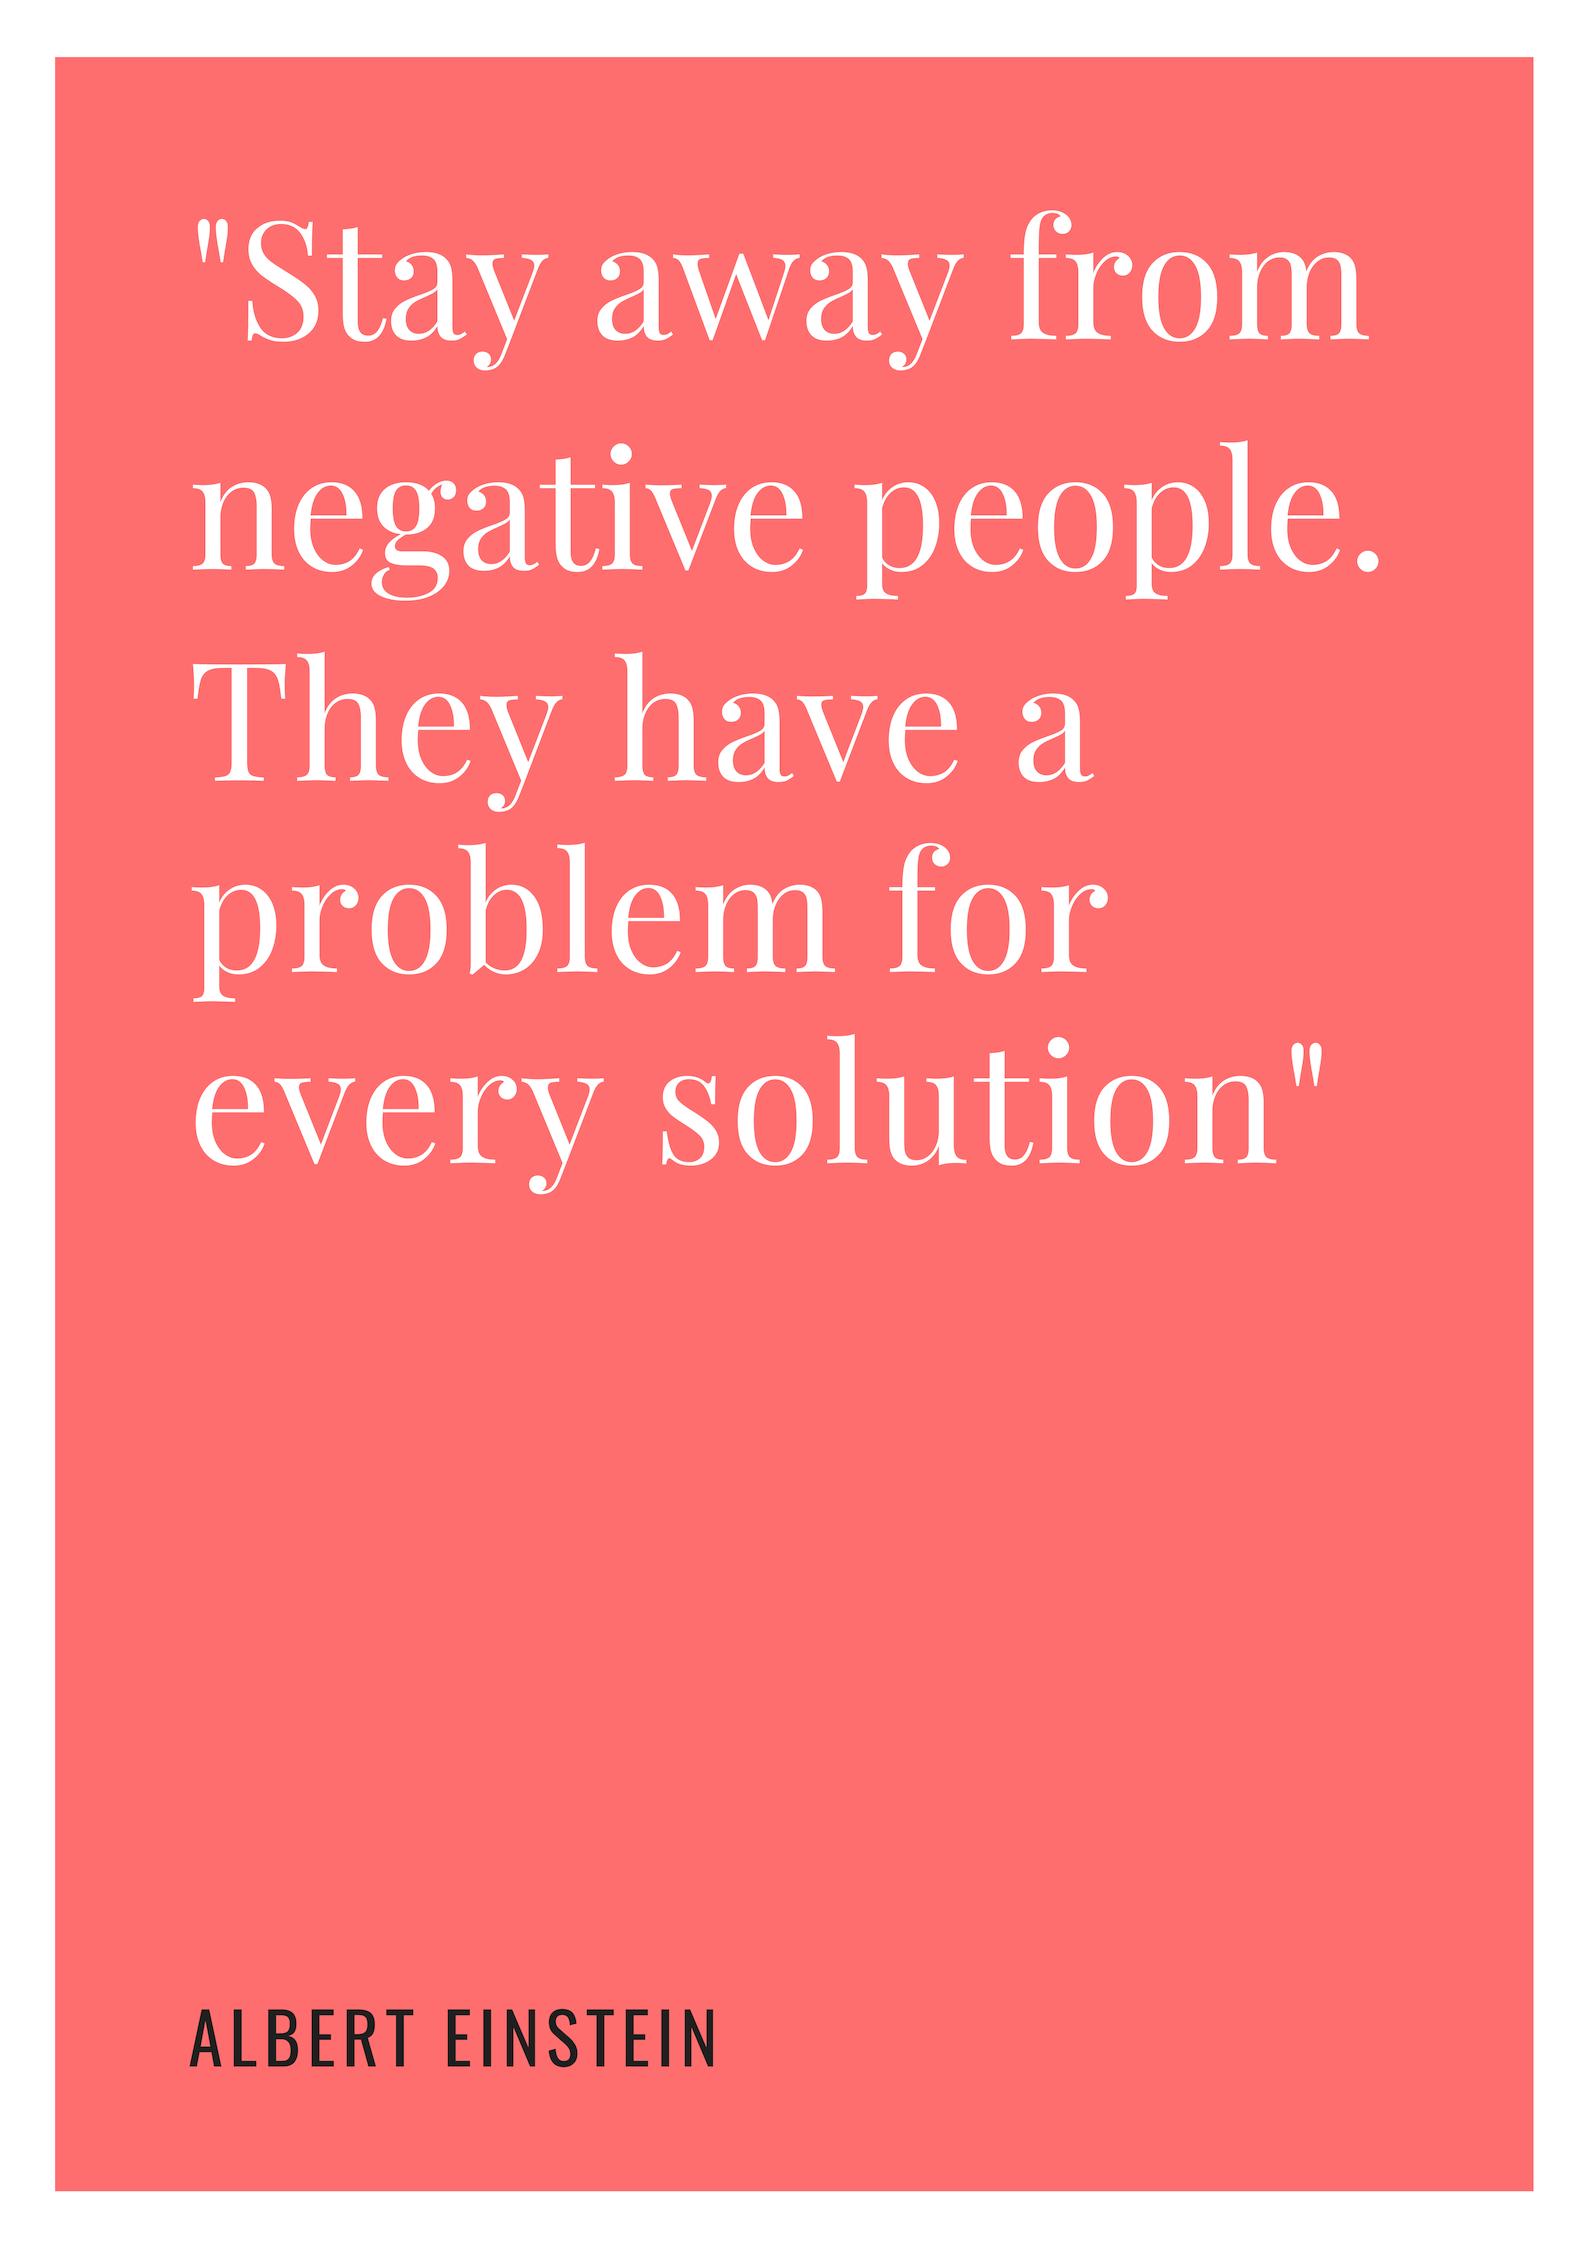 poster-citat